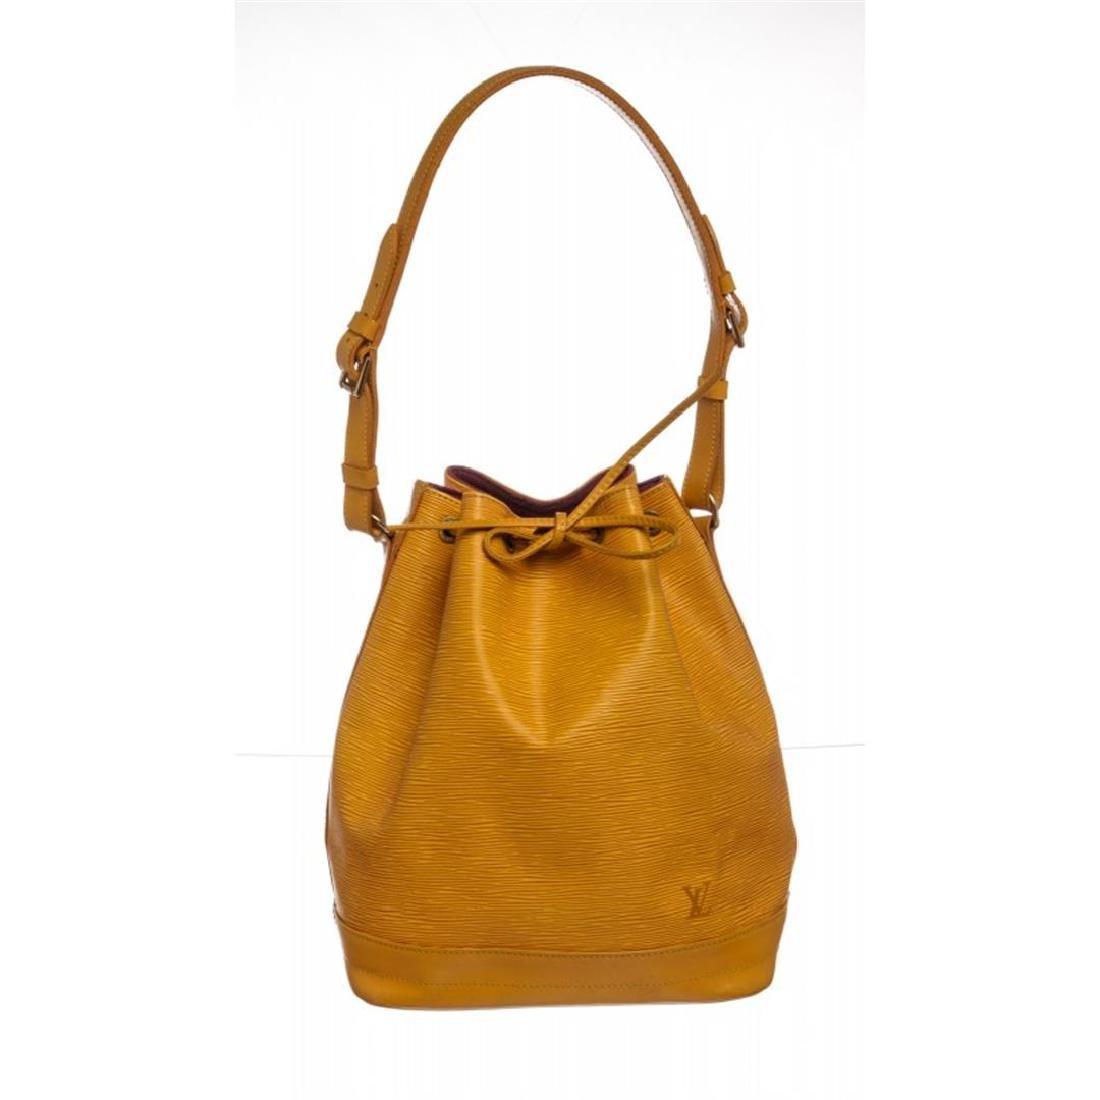 Louis Vuitton Yellow Epi Leather Noe GM Drawstring